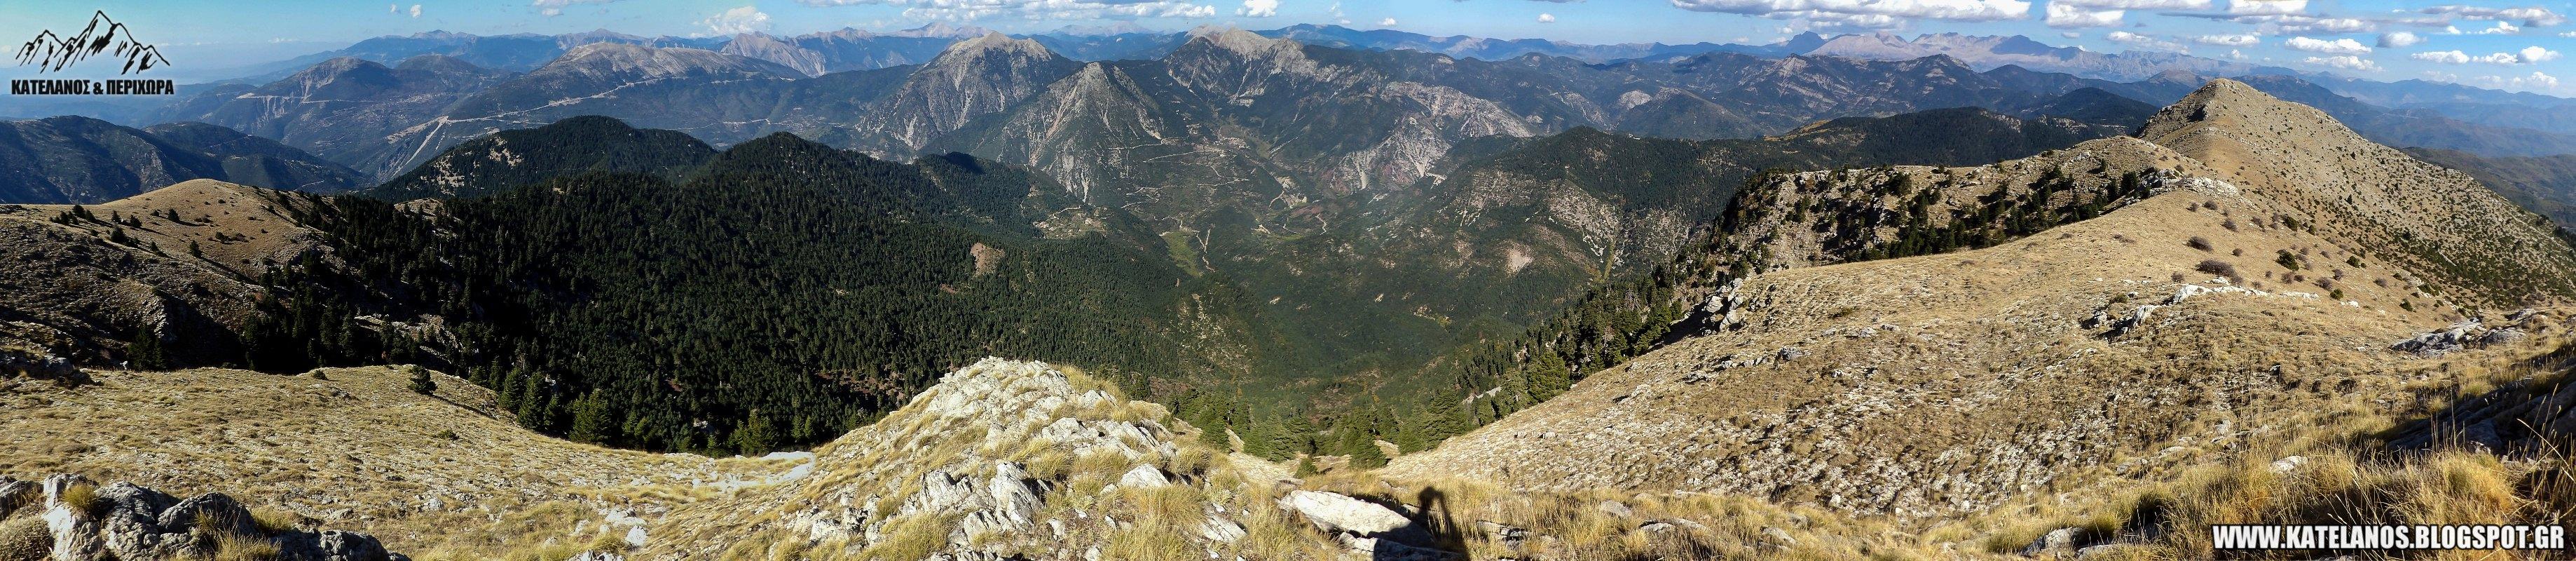 κορυφη τσακαλακι ορεινη ναυπακτια πανοραμα